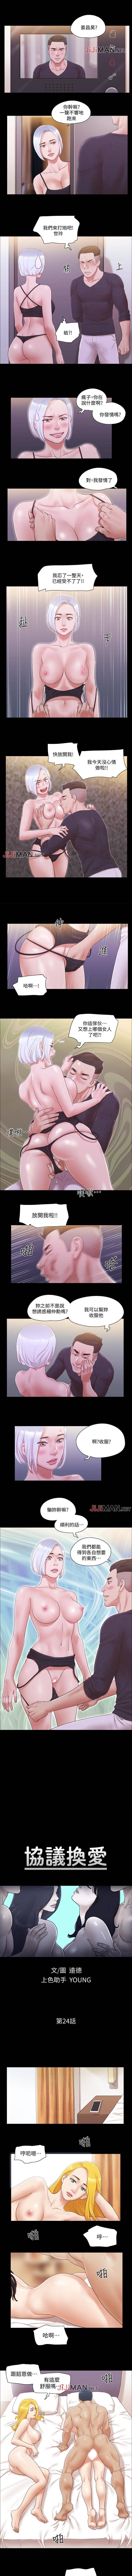 【周五连载】协议换爱(作者:遠德) 第1~57话 100